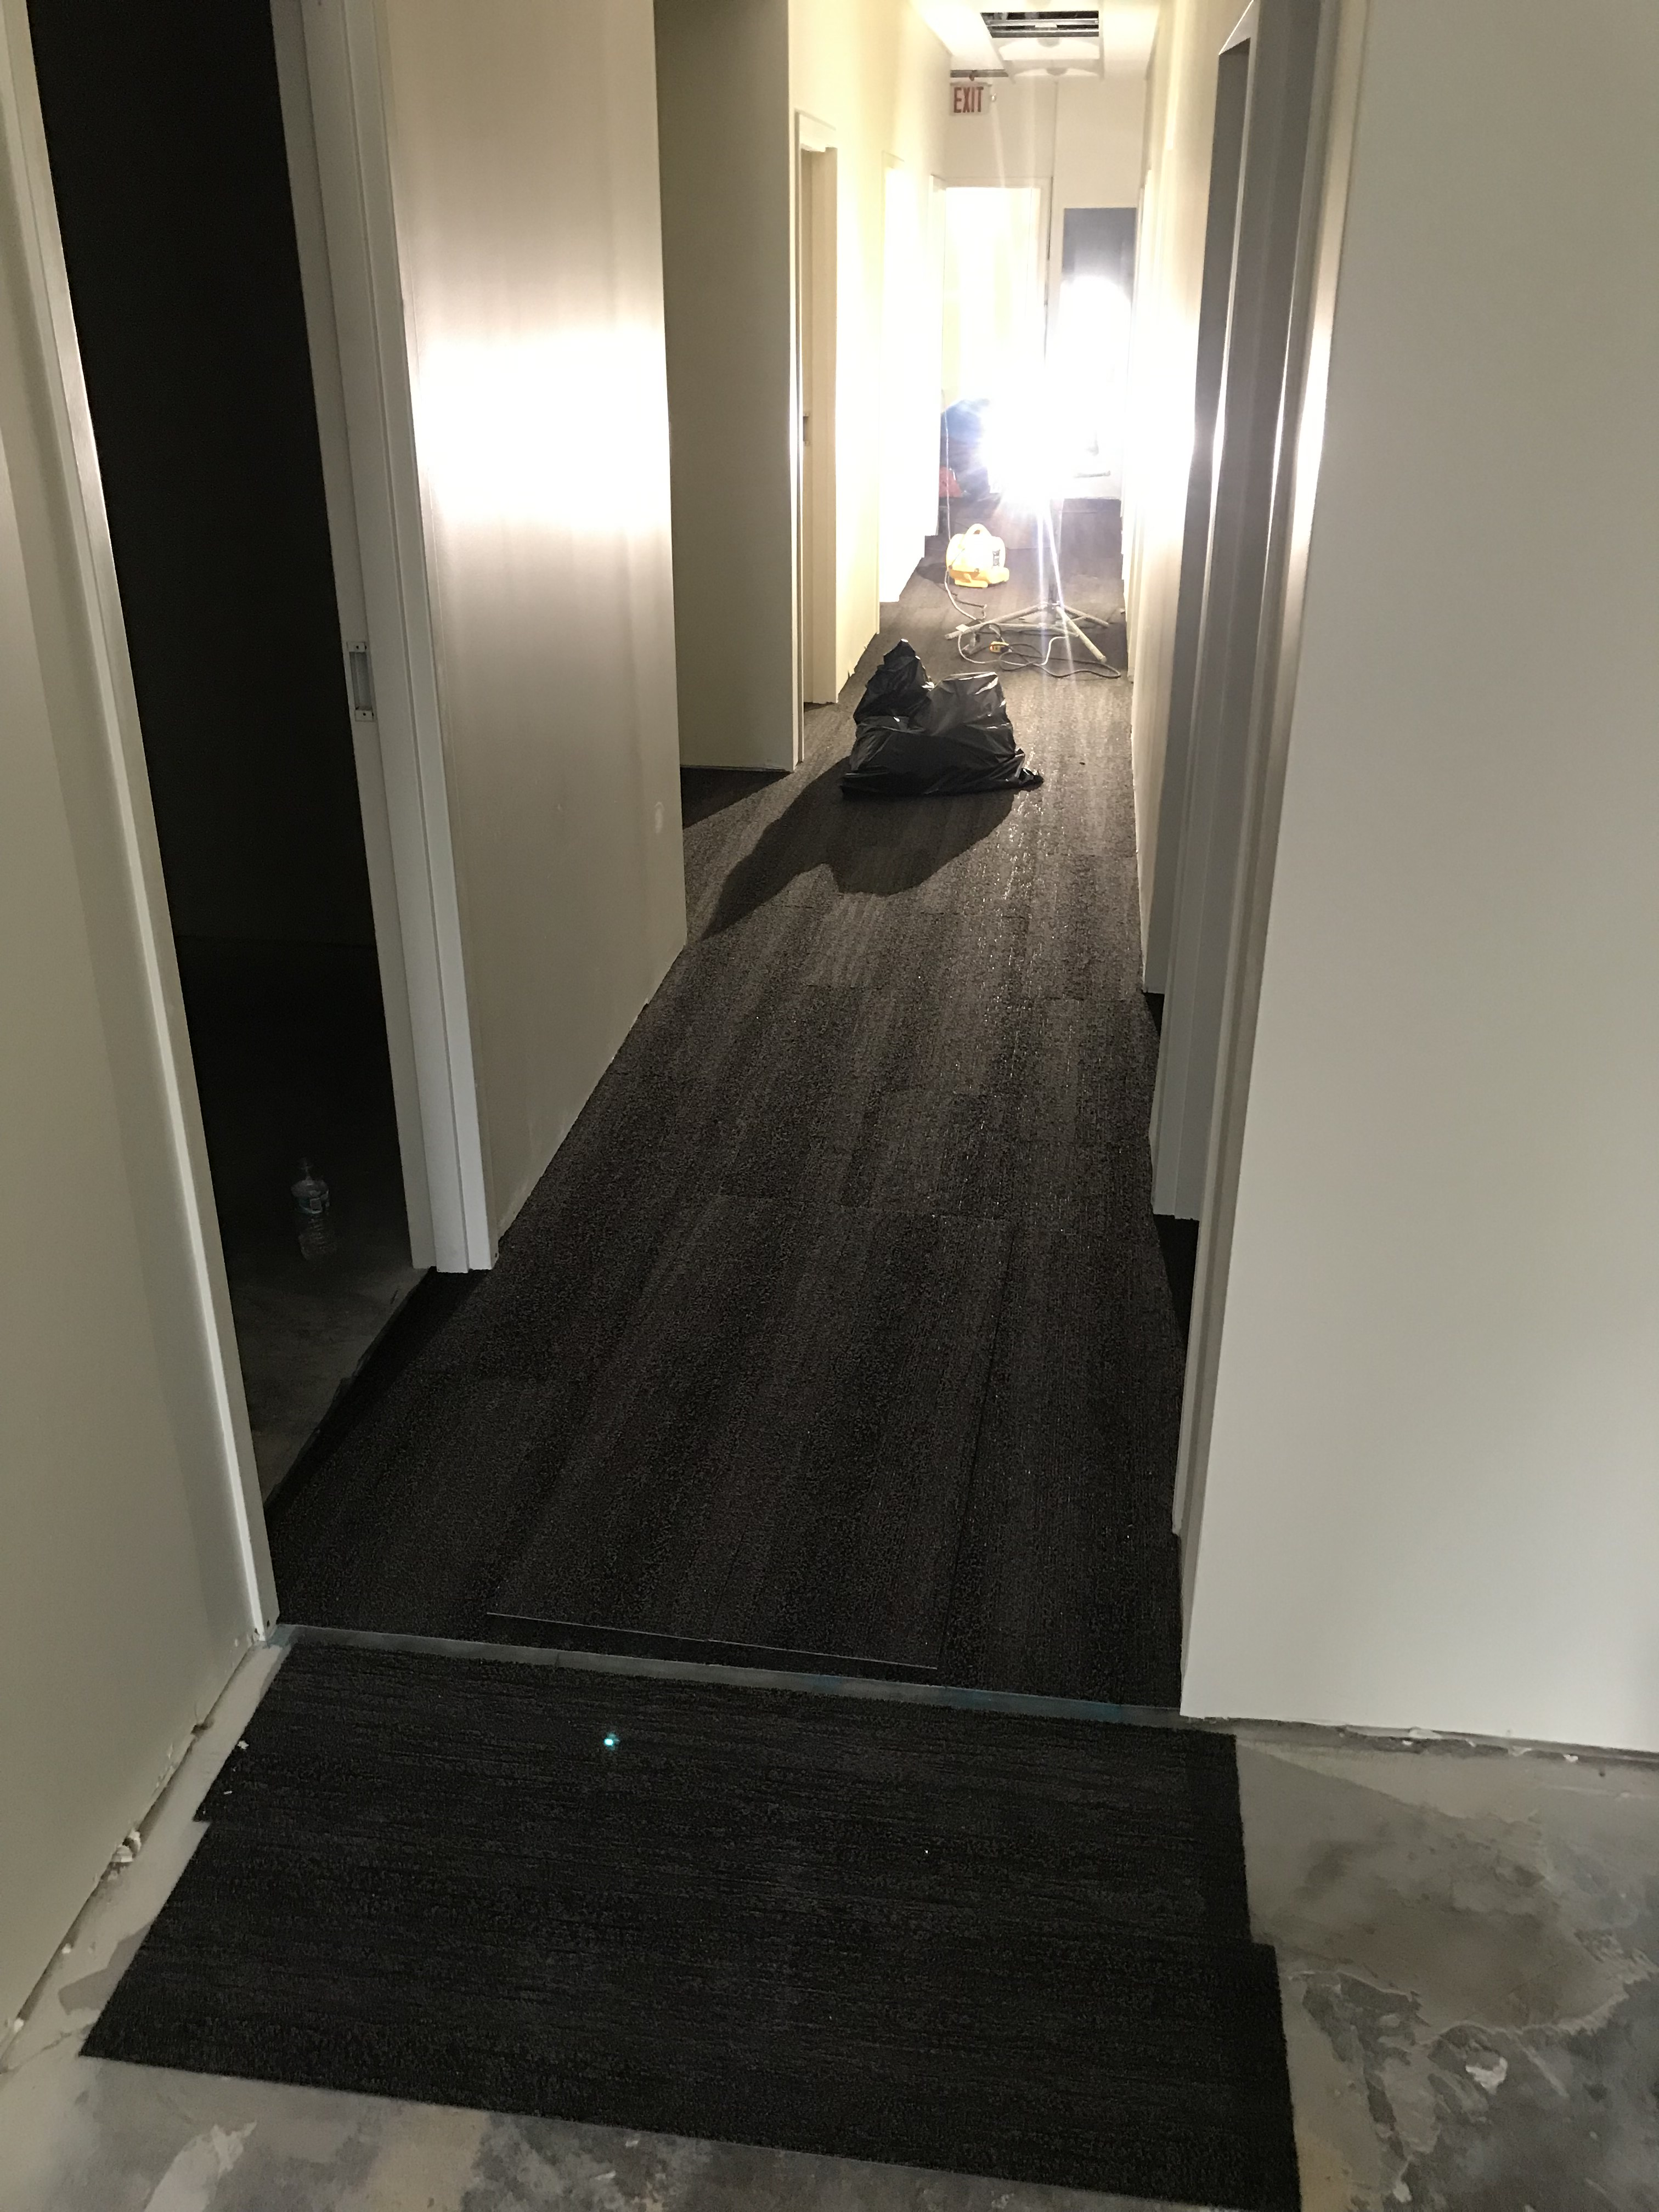 floor.jpeg